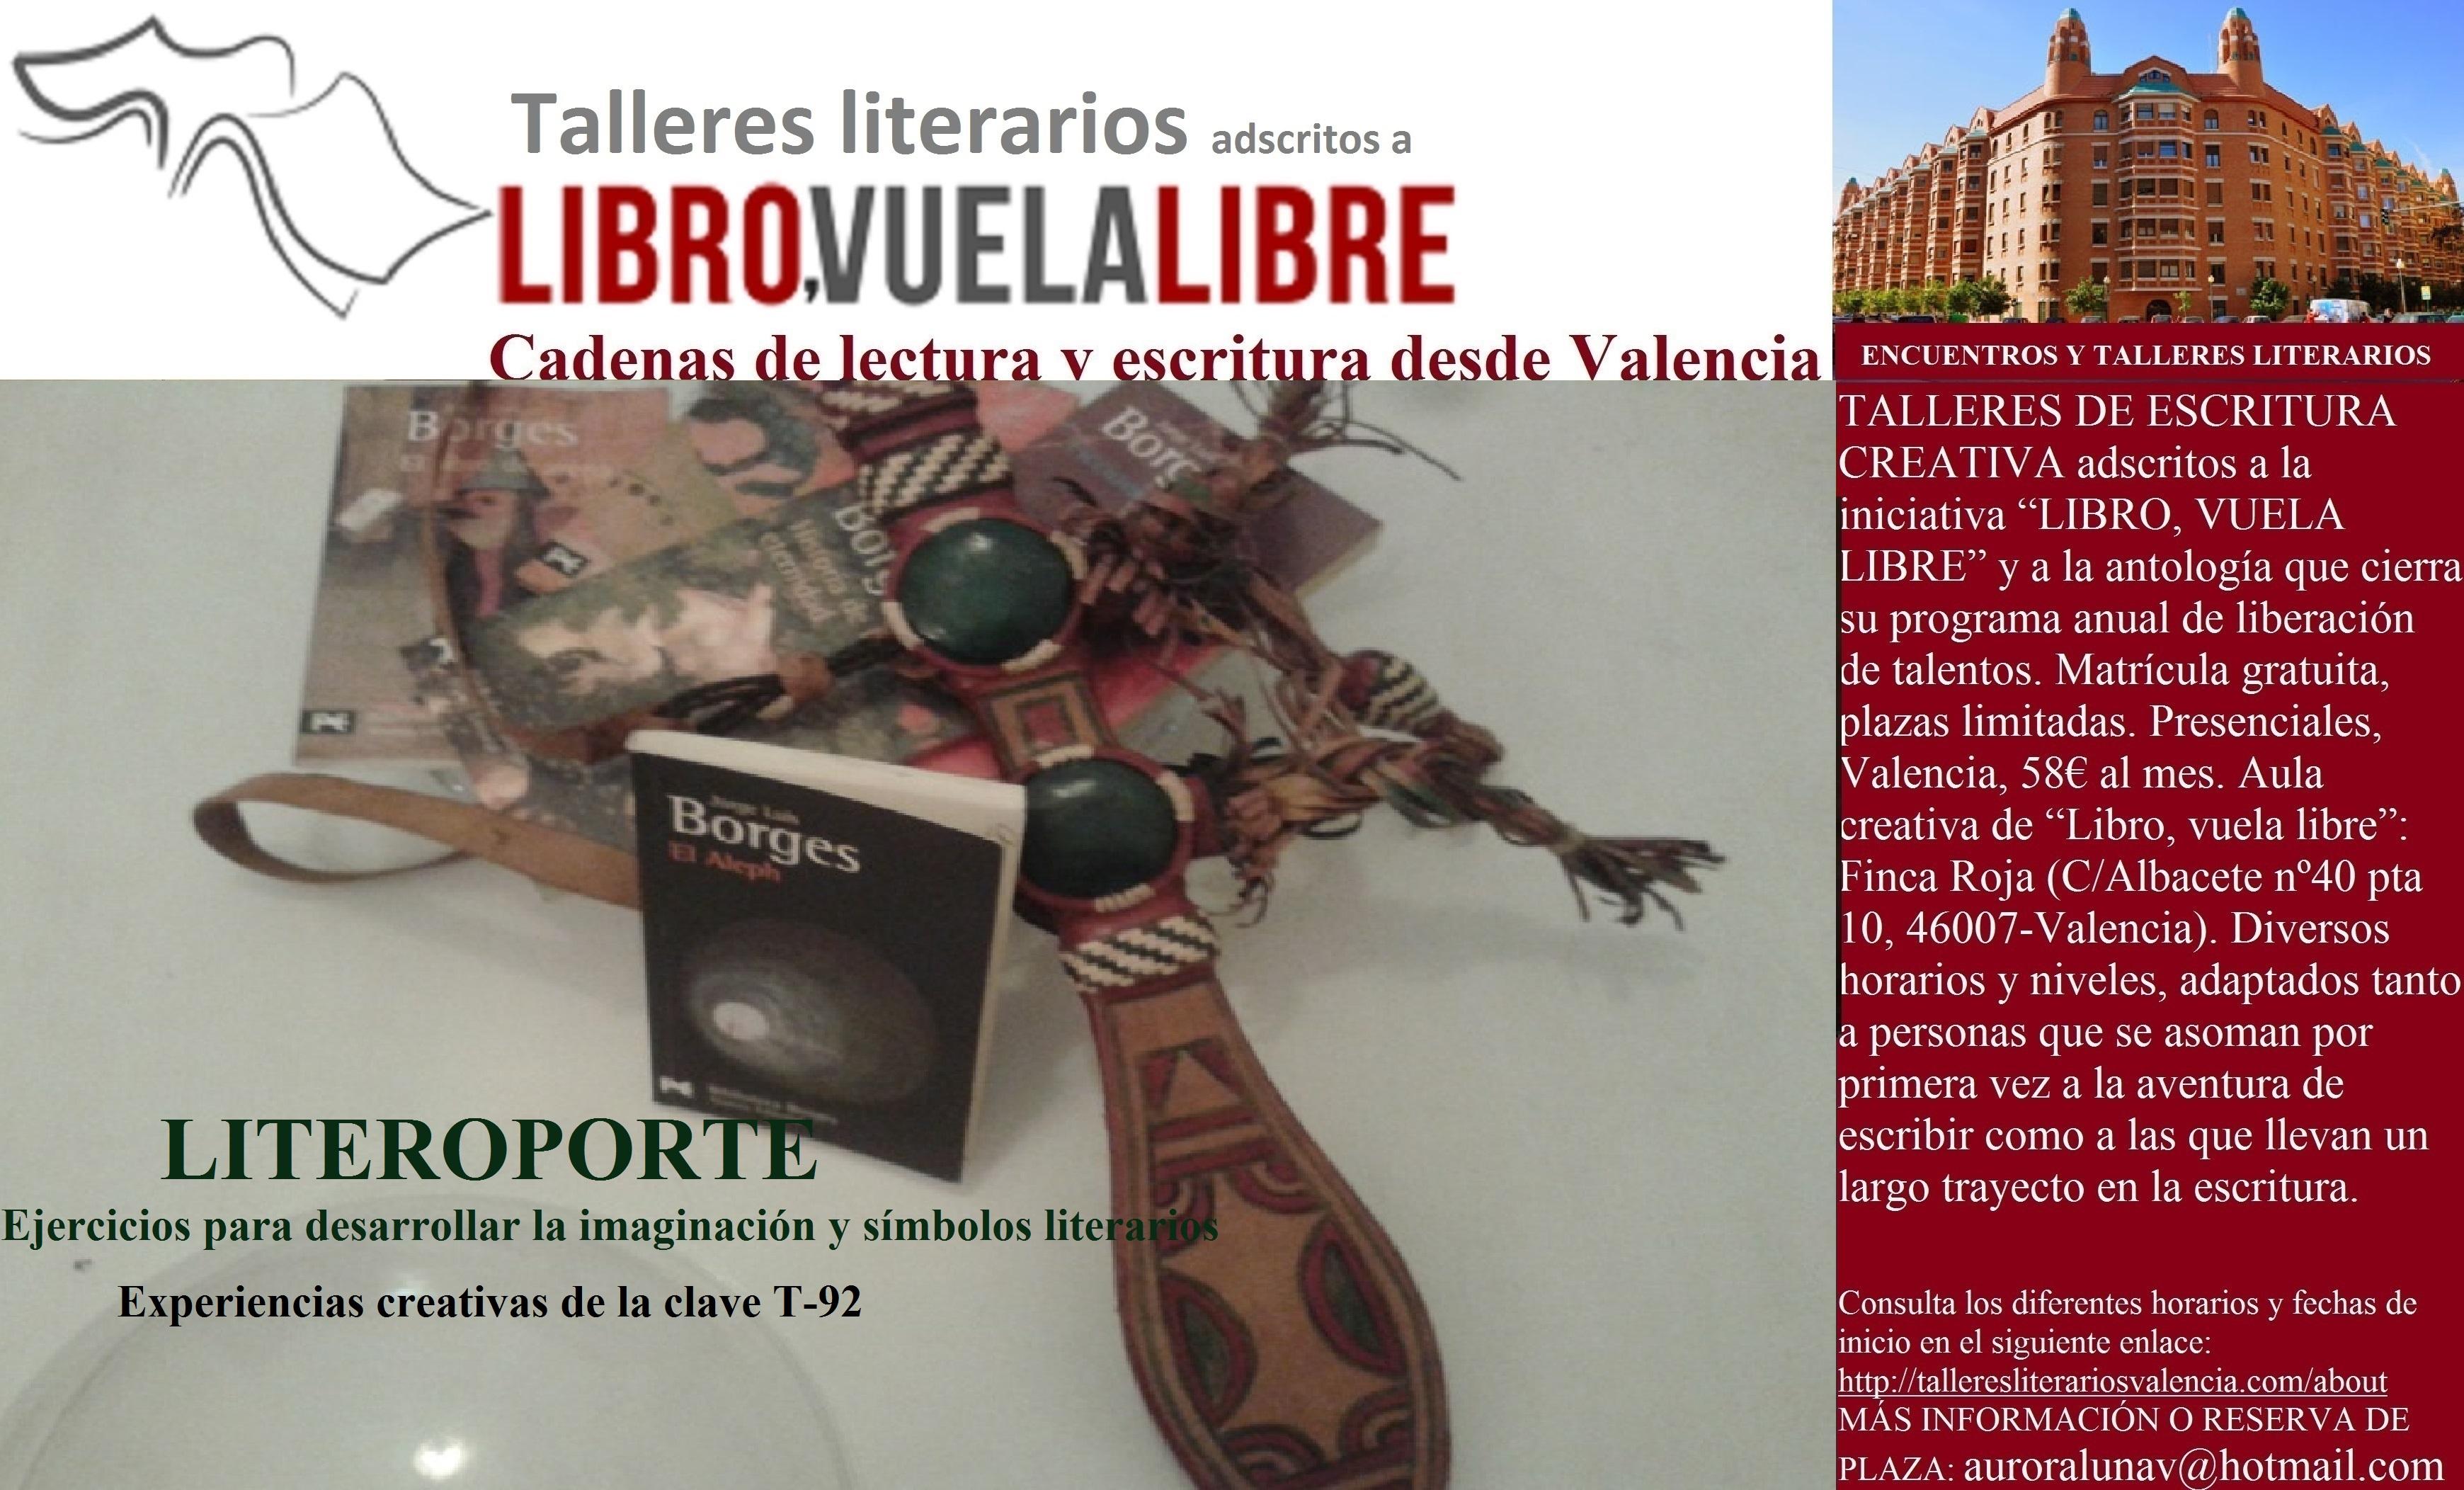 El regreso del LITEROPORTE. Cursos de verano en Valencia, clave de escritura T-92